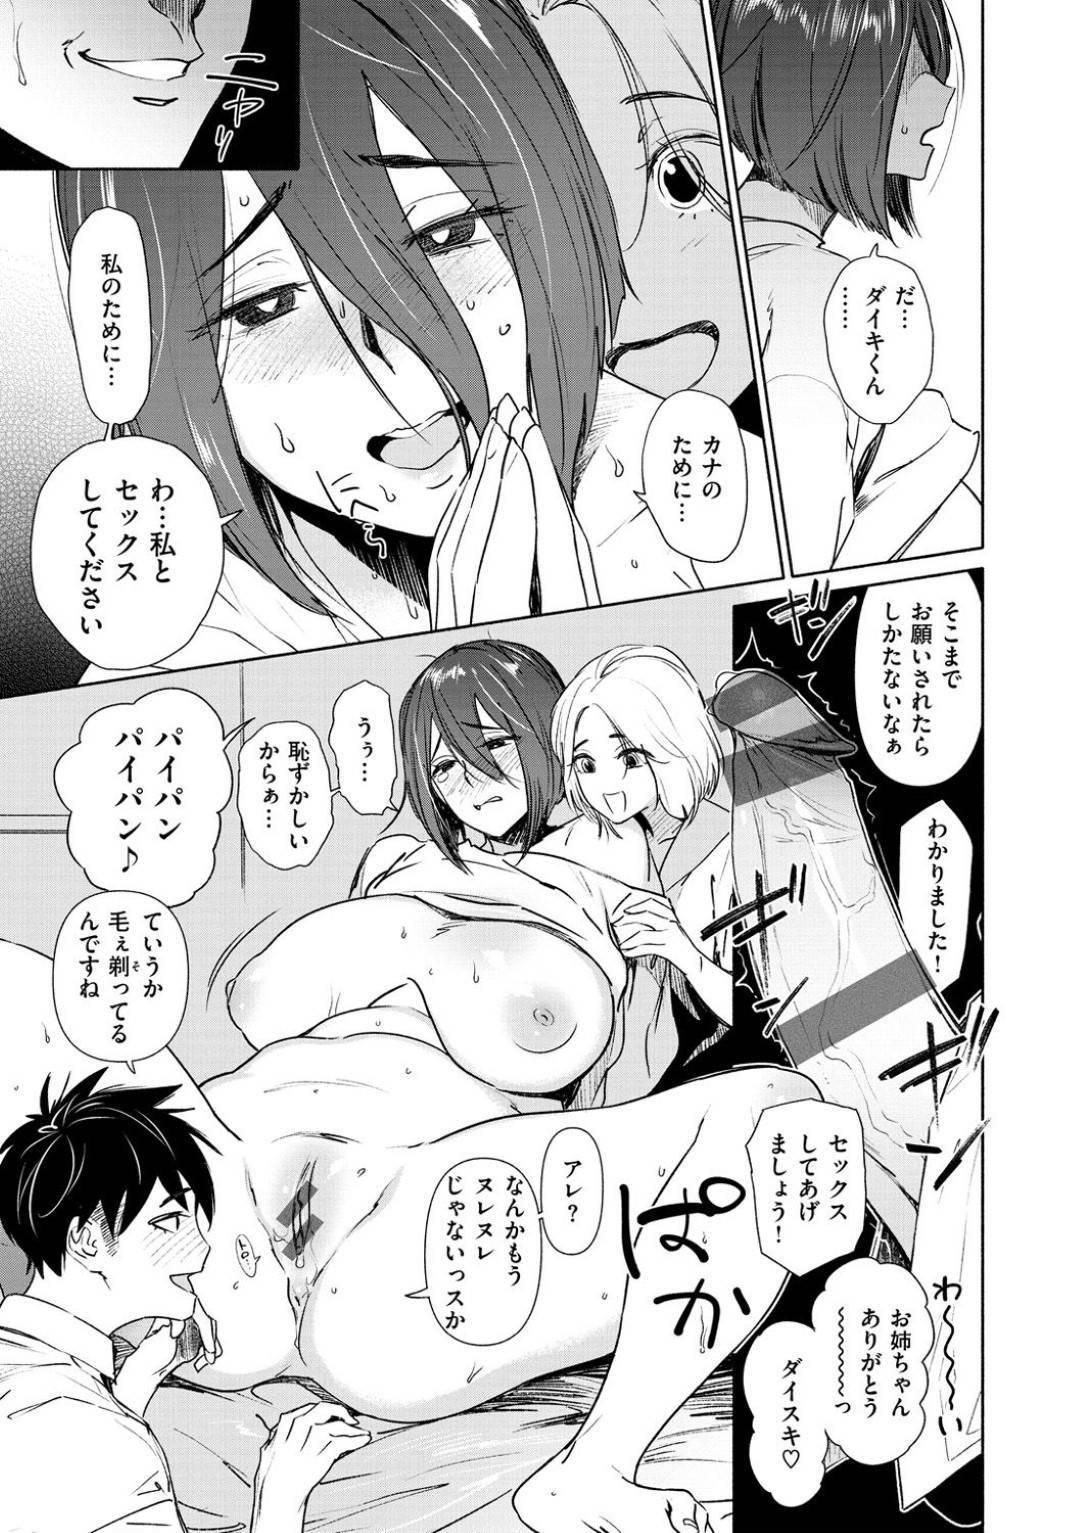 【エロ漫画】妹が男と付き合うために乳首責めされちゃう爆乳のど変態シスコン姉…乳首舐めされちゃって中出しセックスしながらもレズセックスもしてど変態3Pしちゃう!【ボボボ:姉はカスガイ】